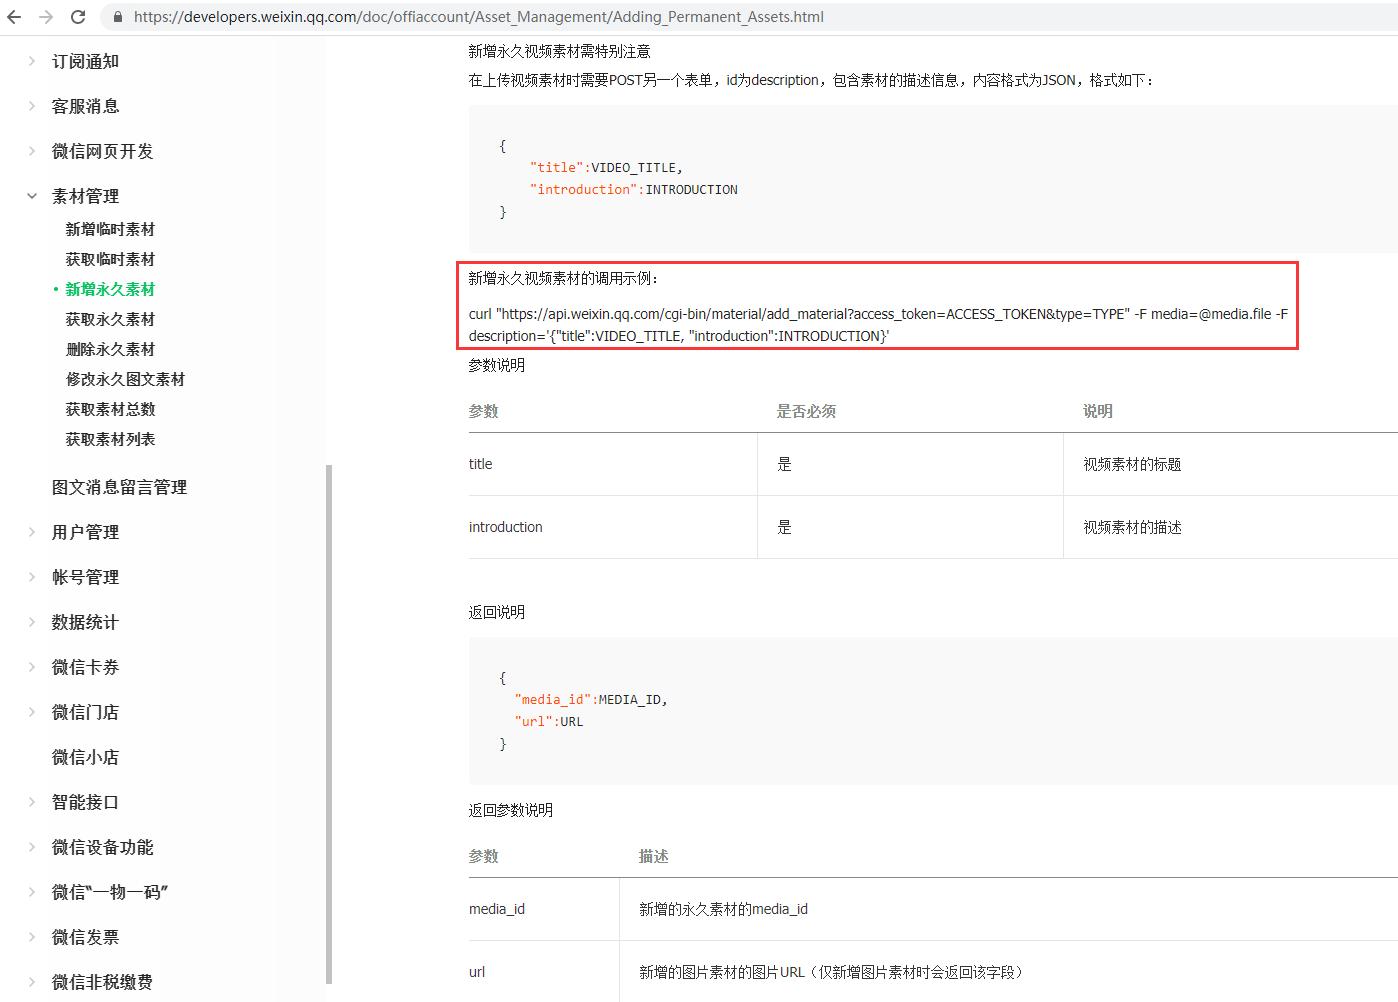 参考网址:https://developers.weixin.qq.com/doc/offiaccount/Asset_Management/Adding_Permanent_Assets.html